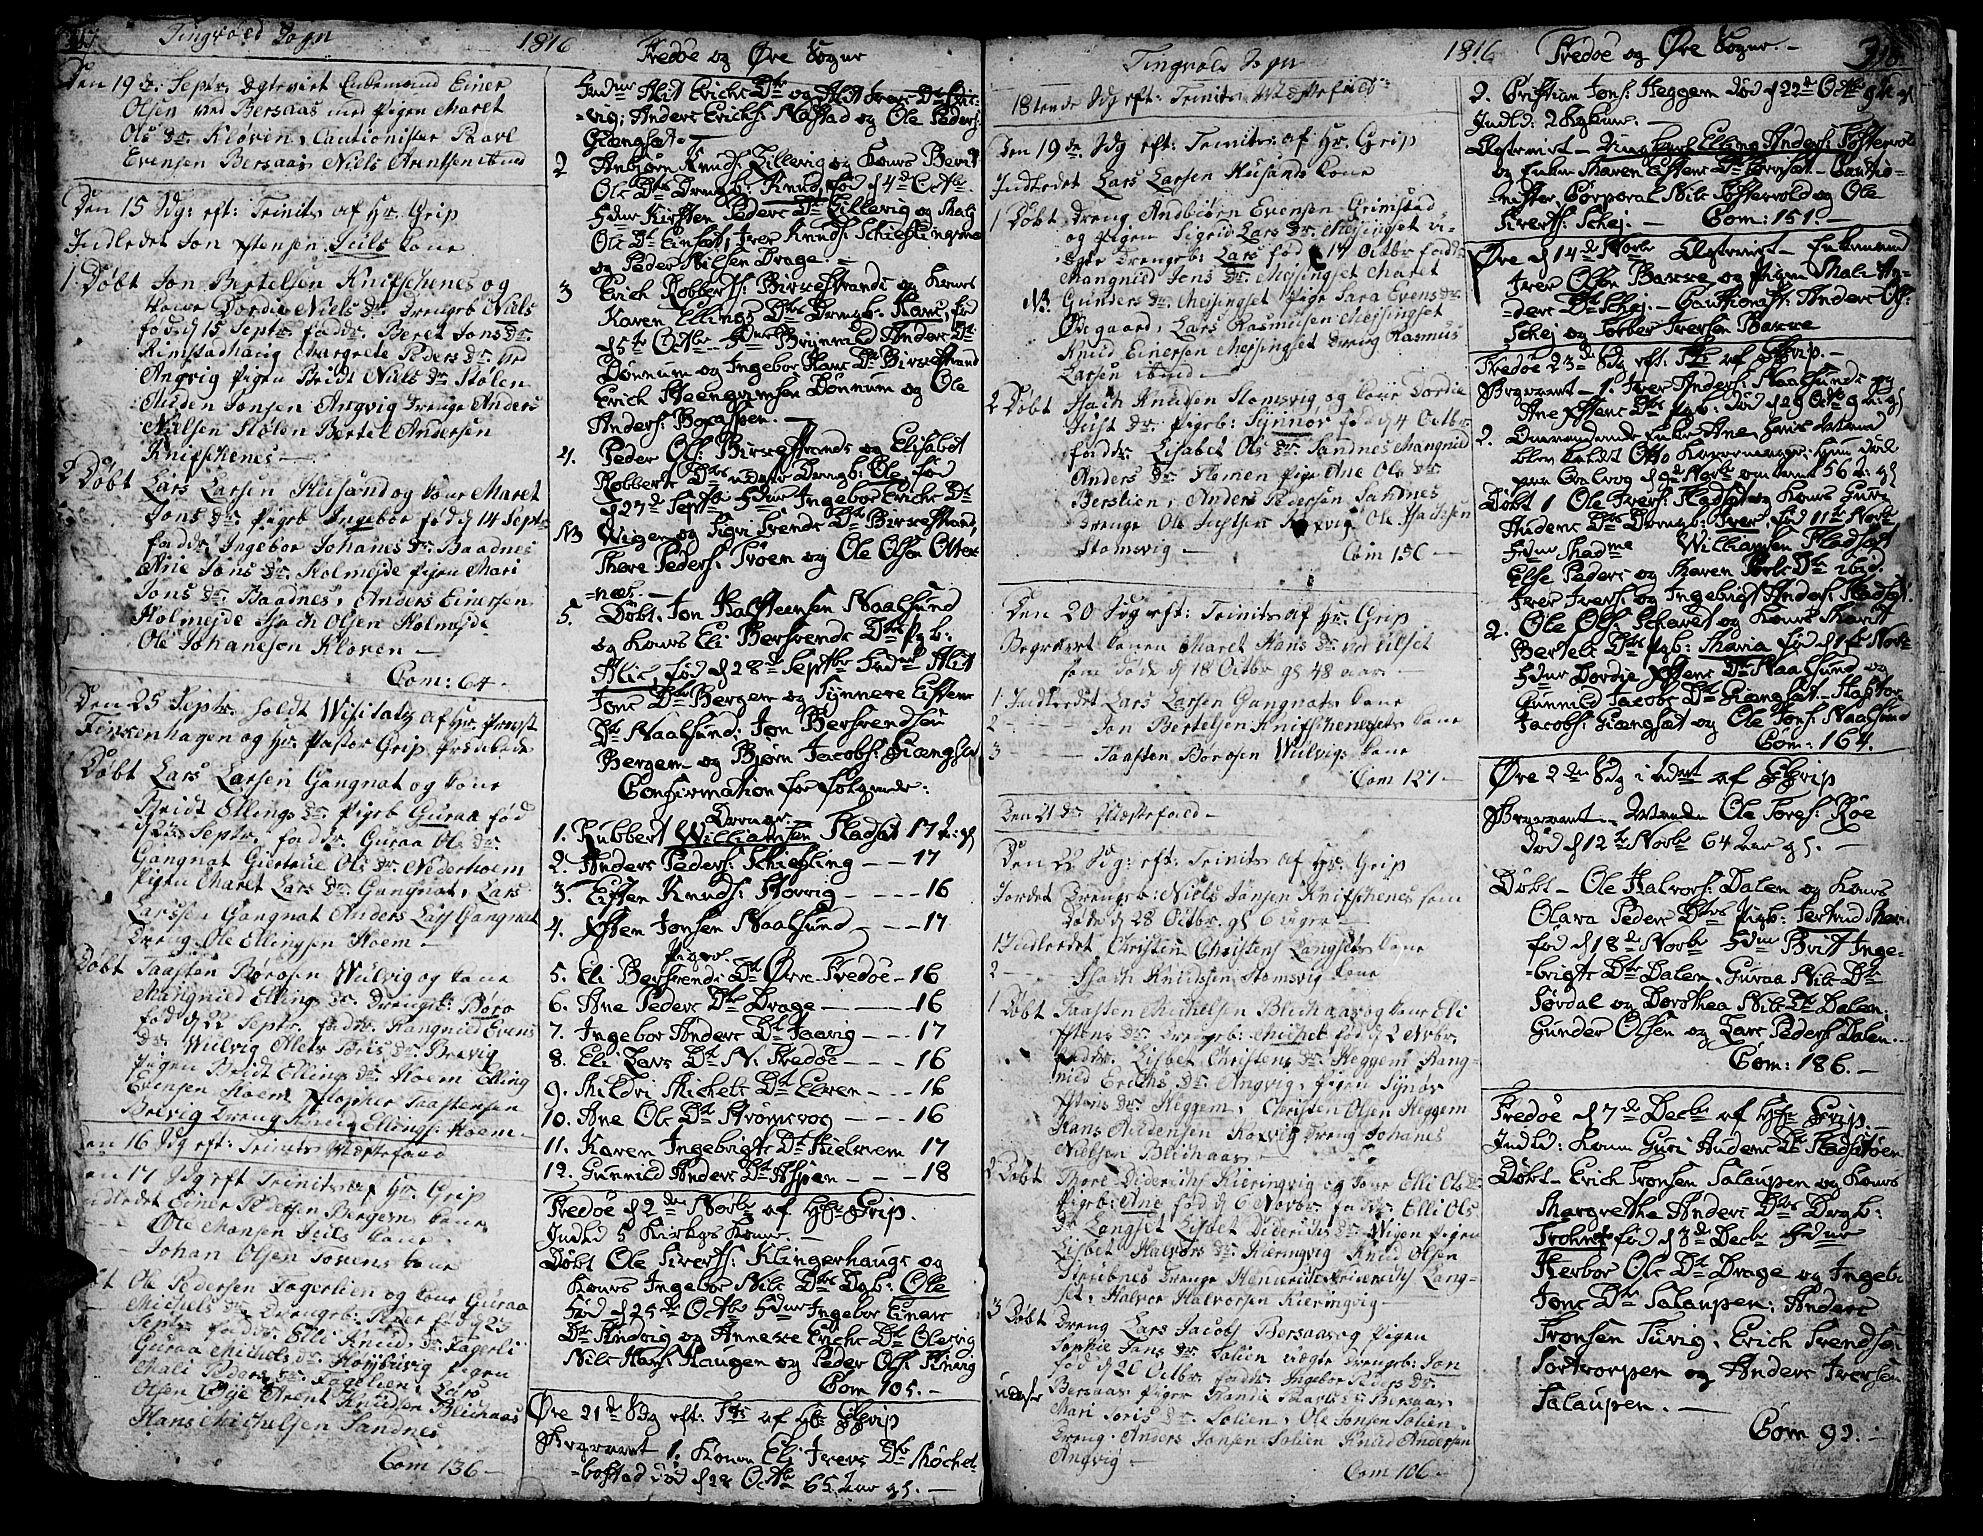 SAT, Ministerialprotokoller, klokkerbøker og fødselsregistre - Møre og Romsdal, 586/L0981: Ministerialbok nr. 586A07, 1794-1819, s. 317-318